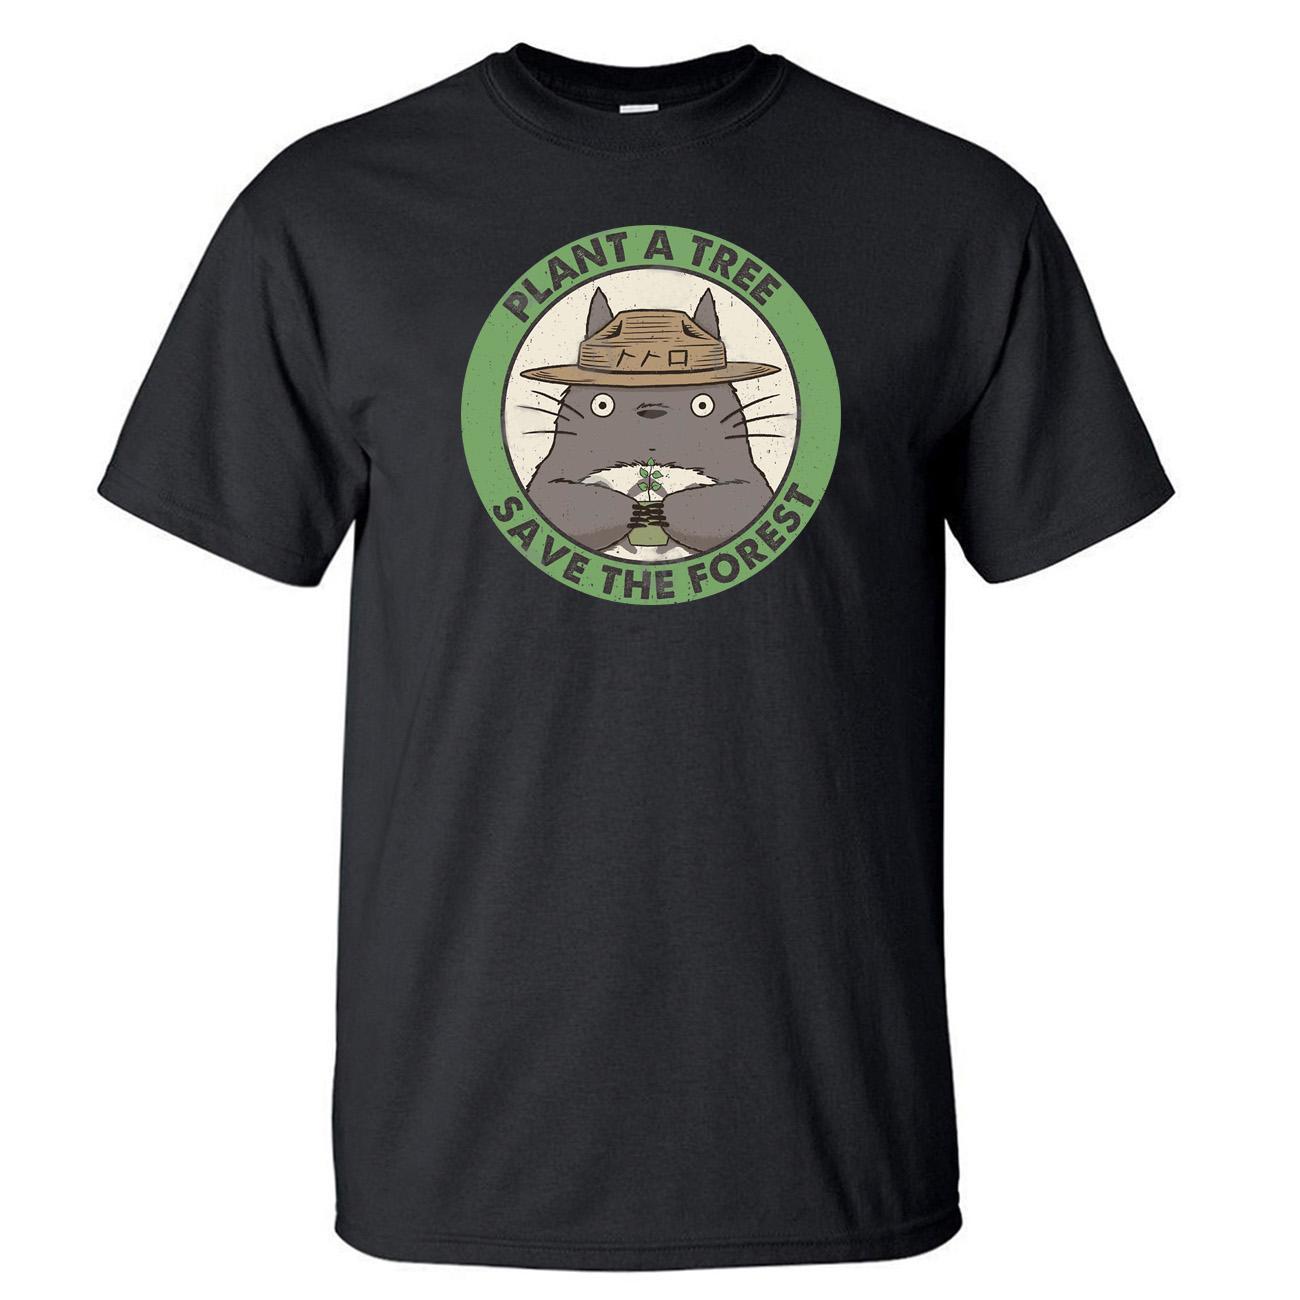 Japonés la película del animado Totoro camiseta camiseta de los hombres de verano de algodón de manga corta Negro Blanco camiseta floja Hayao Miyazaki impresión Tops